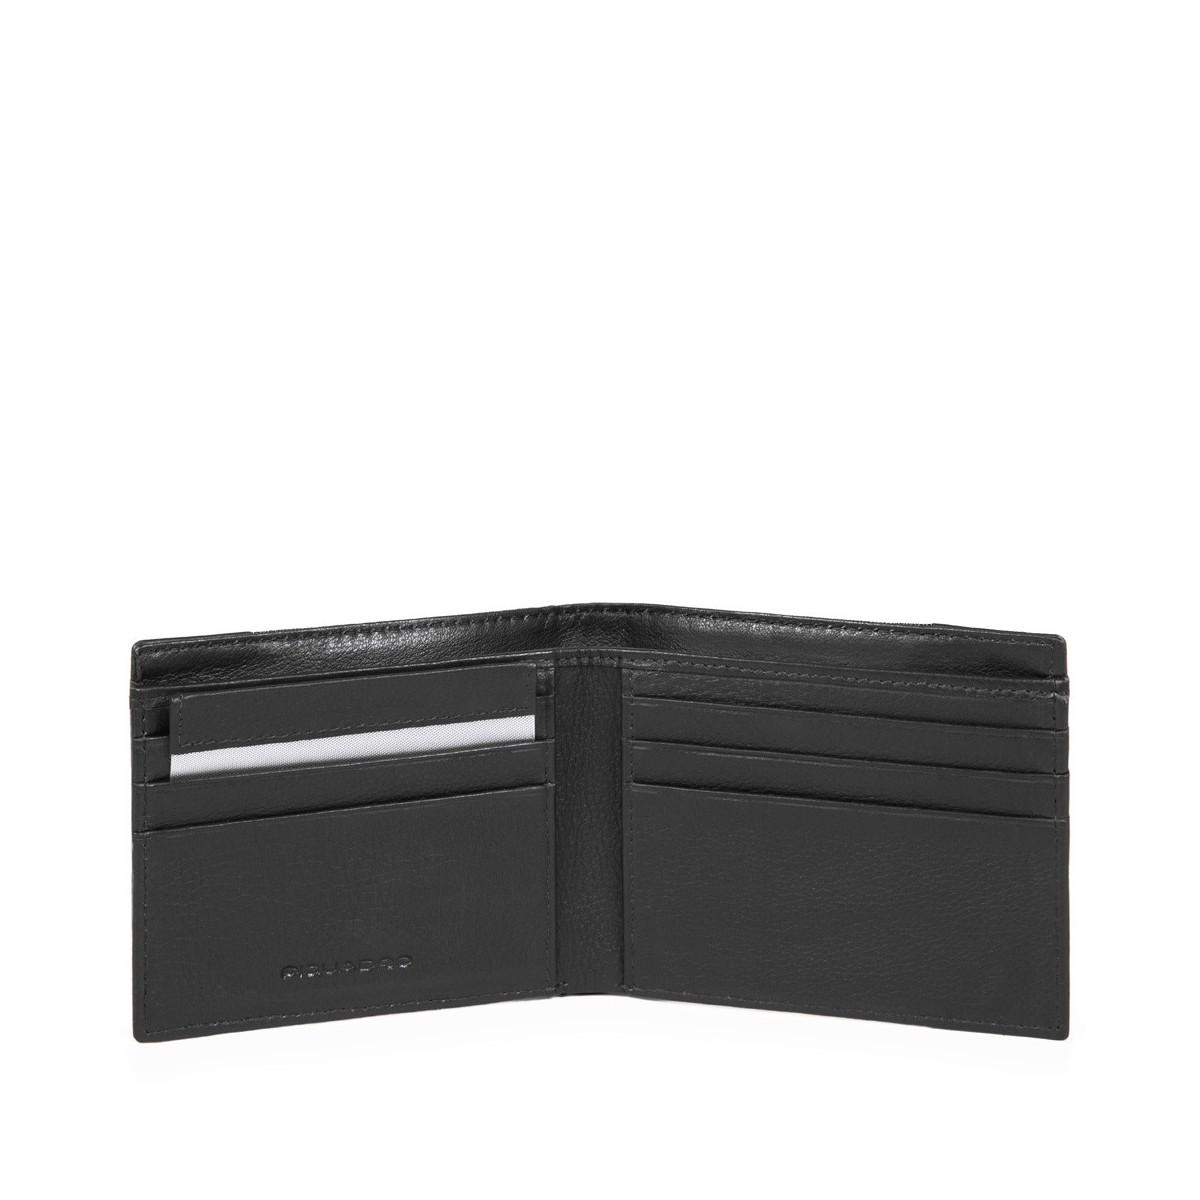 PIQUADRO Pulse portafogli uomo 6 cc, pelle e tessuto nero